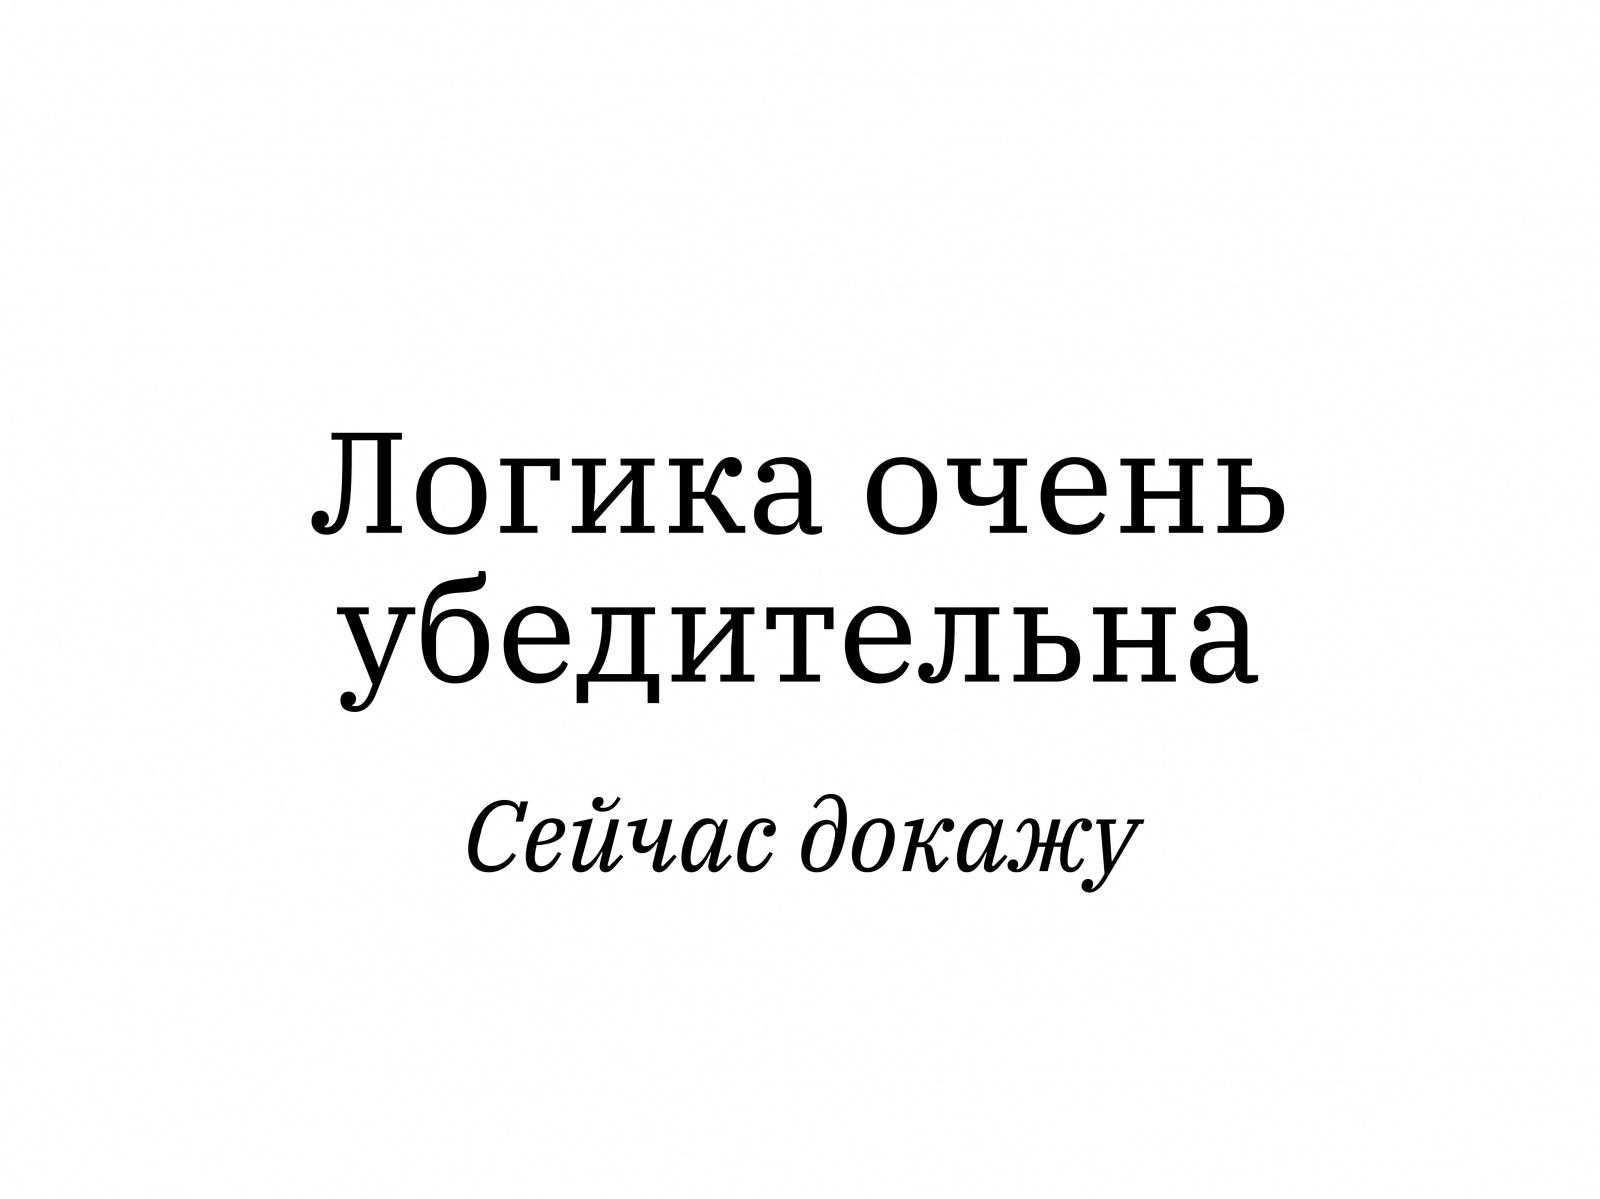 Алексей Каптерев: Критическое мышление 101 (часть 2) - 10